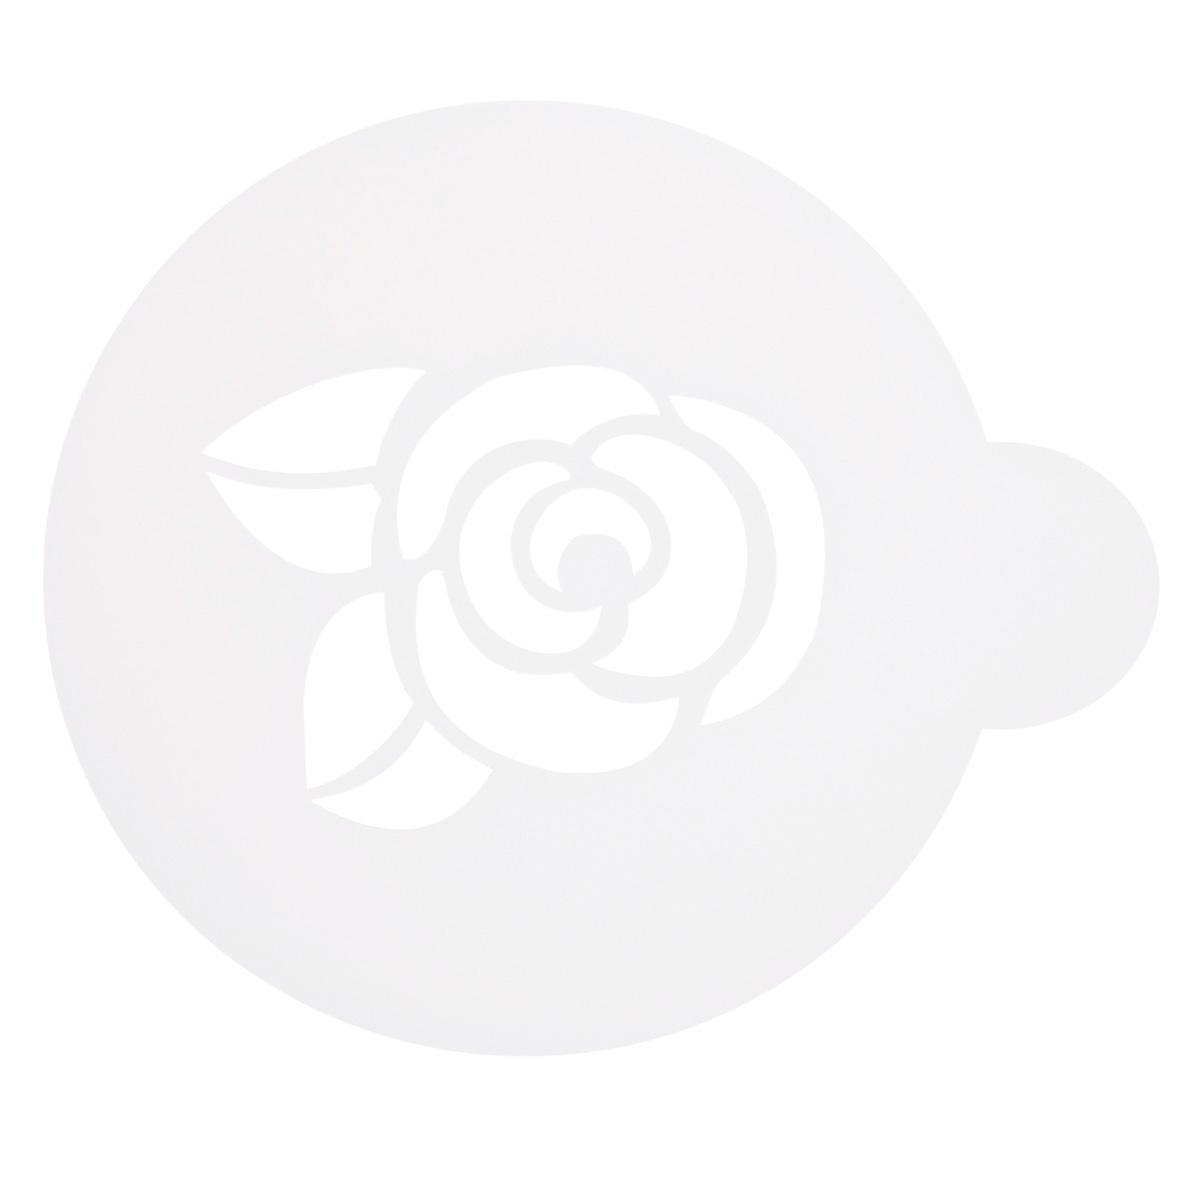 Трафарет на кофе и десерты Леденцовая фабрика Розочка, диаметр 10 см трафарет на кофе и десерты леденцовая фабрика кошка с рыбой диаметр 10 см